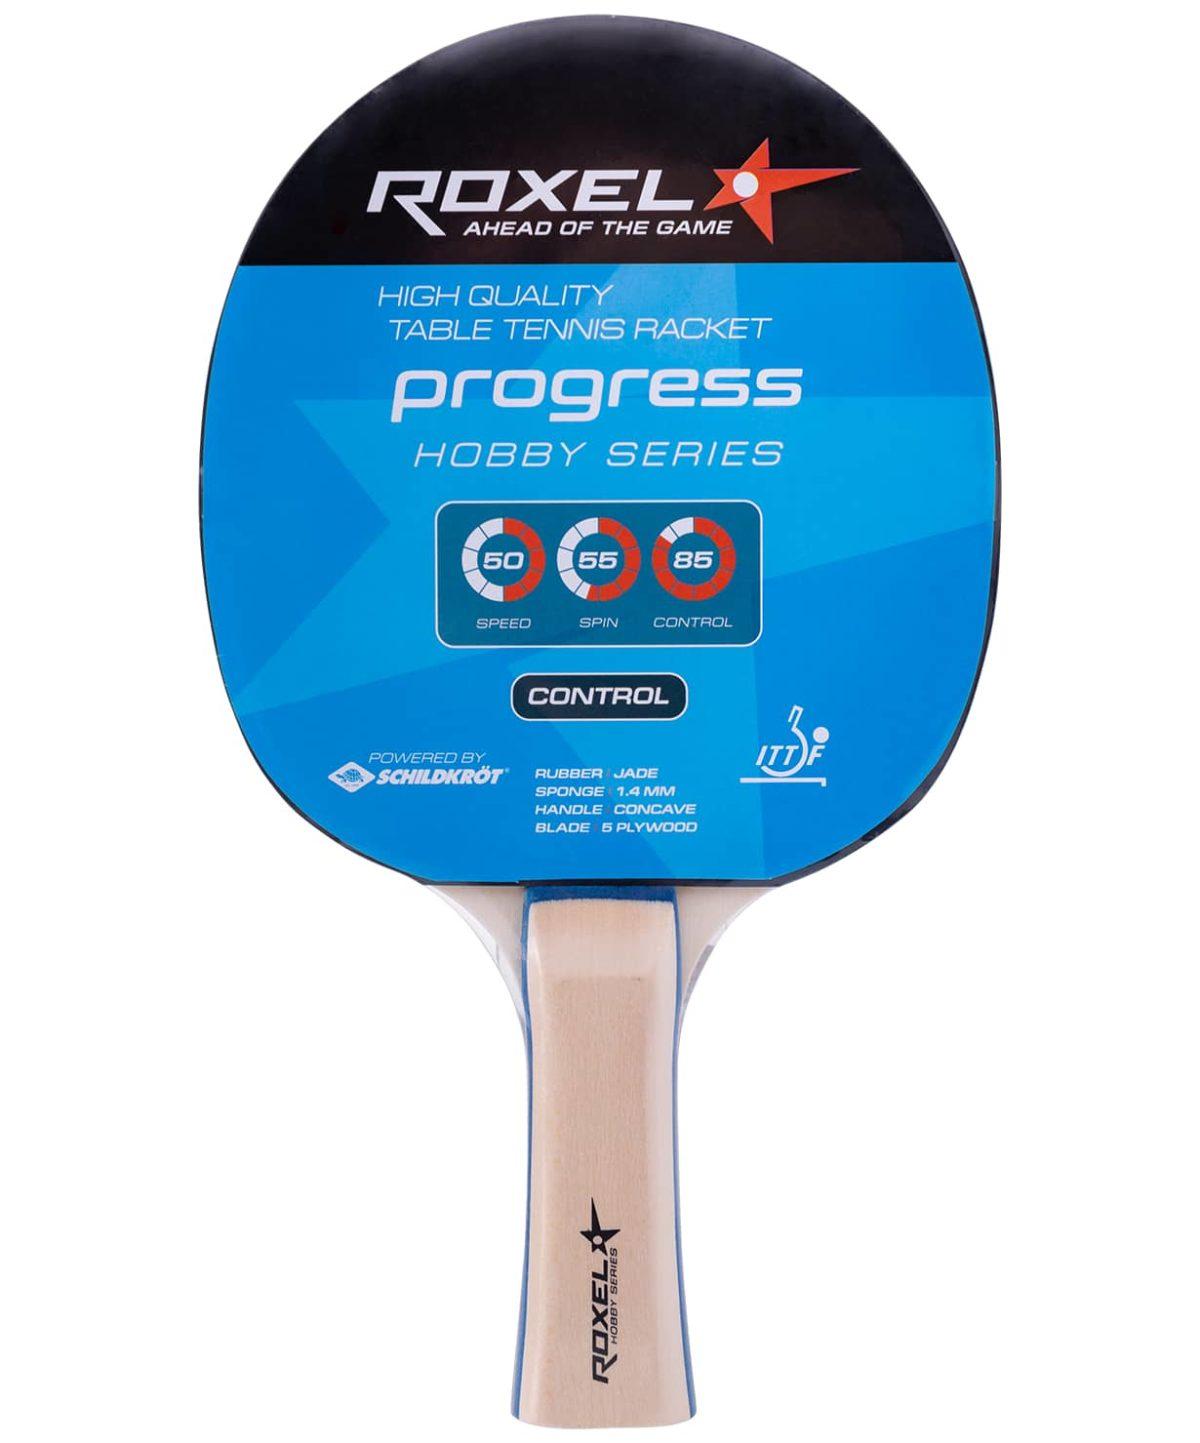 ROXEL Hobby Progress набор д/наст. тен. 2 ракетки, 3 мяча и сетка  15367 - 2